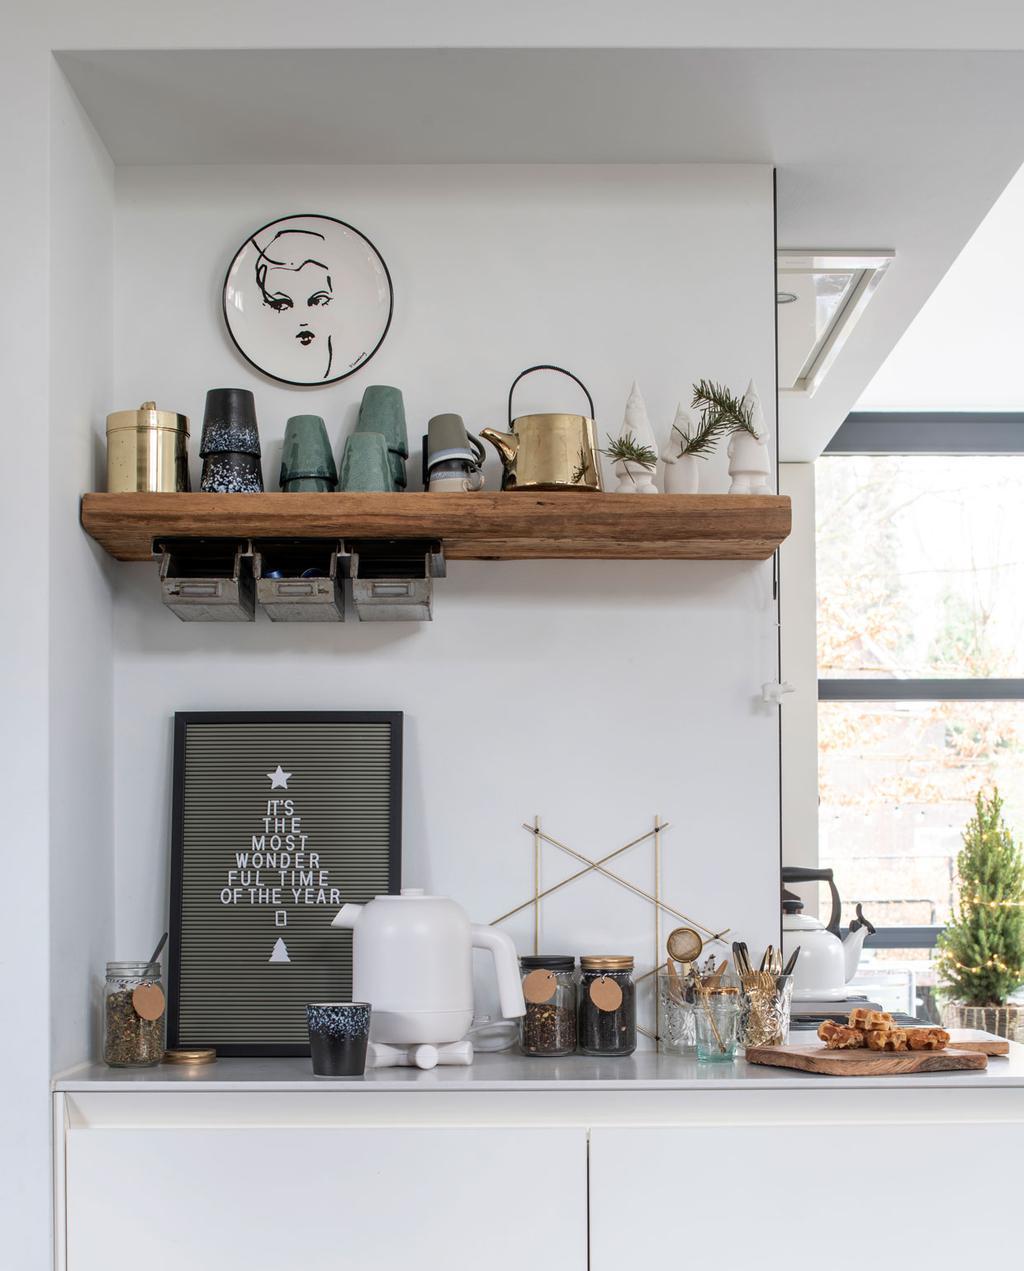 vtwonen 12-2019 | Binnenkijken in een vrijstaand huis in Geleen keuken closeup